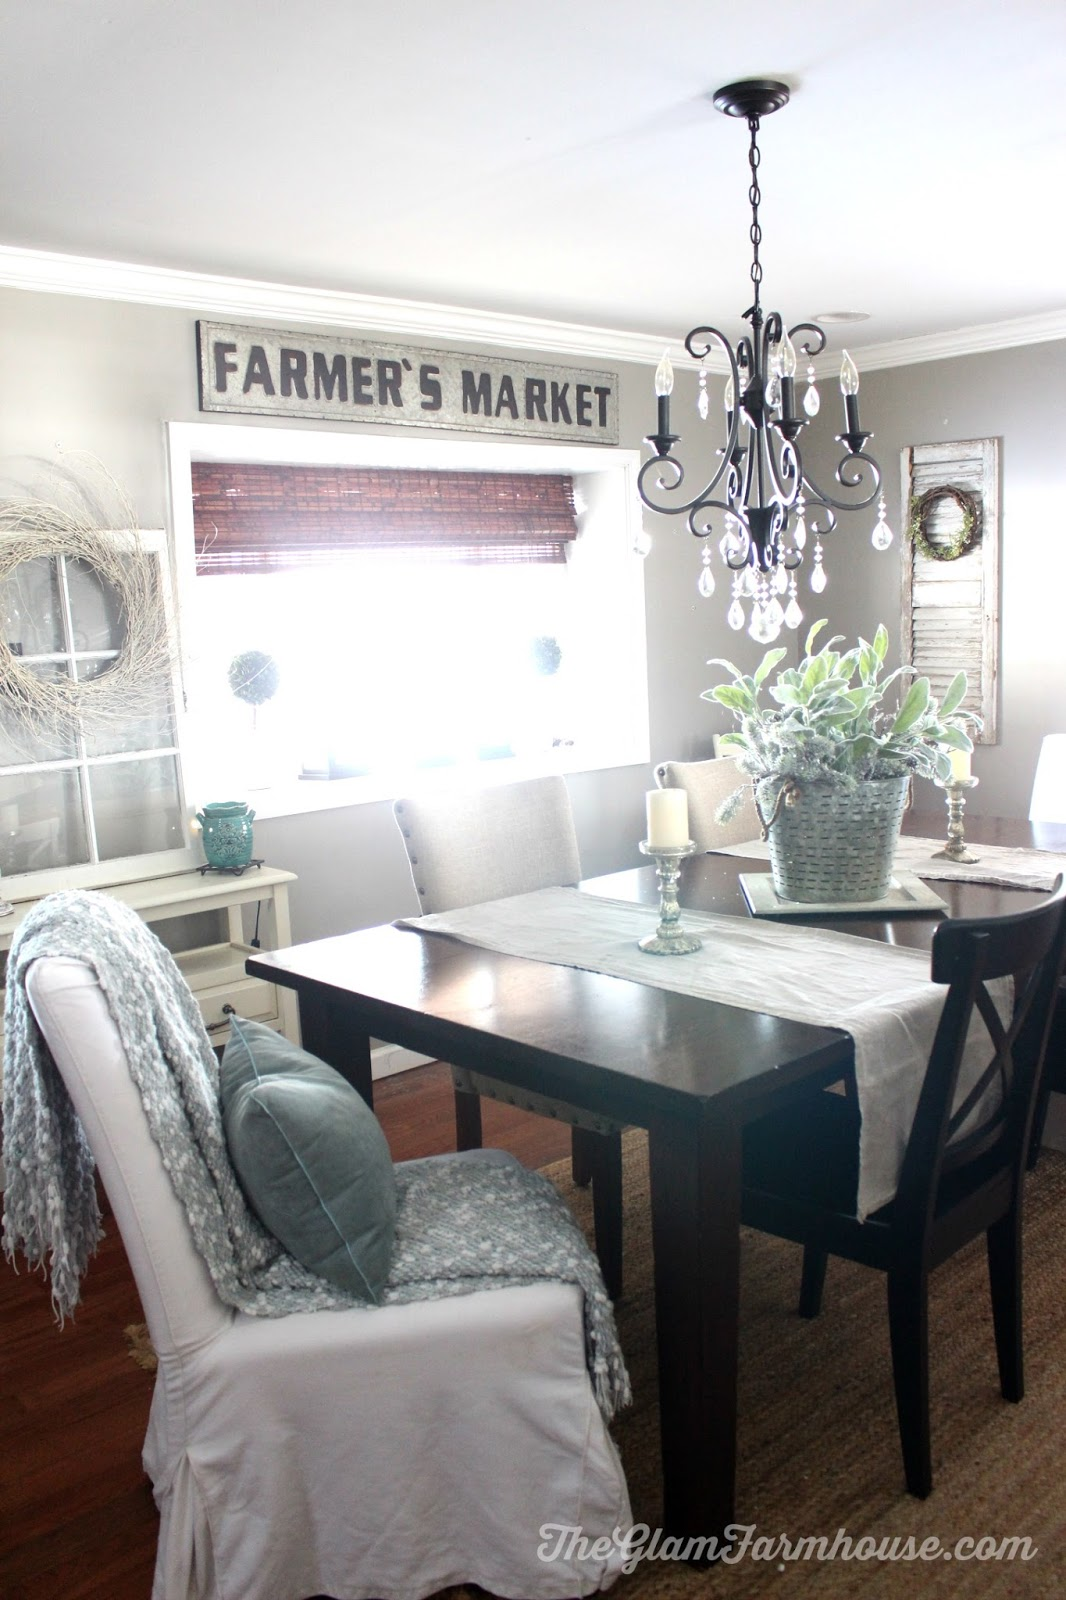 Easy Farmhouse Style Centerpiece - The Glam Farmhouse